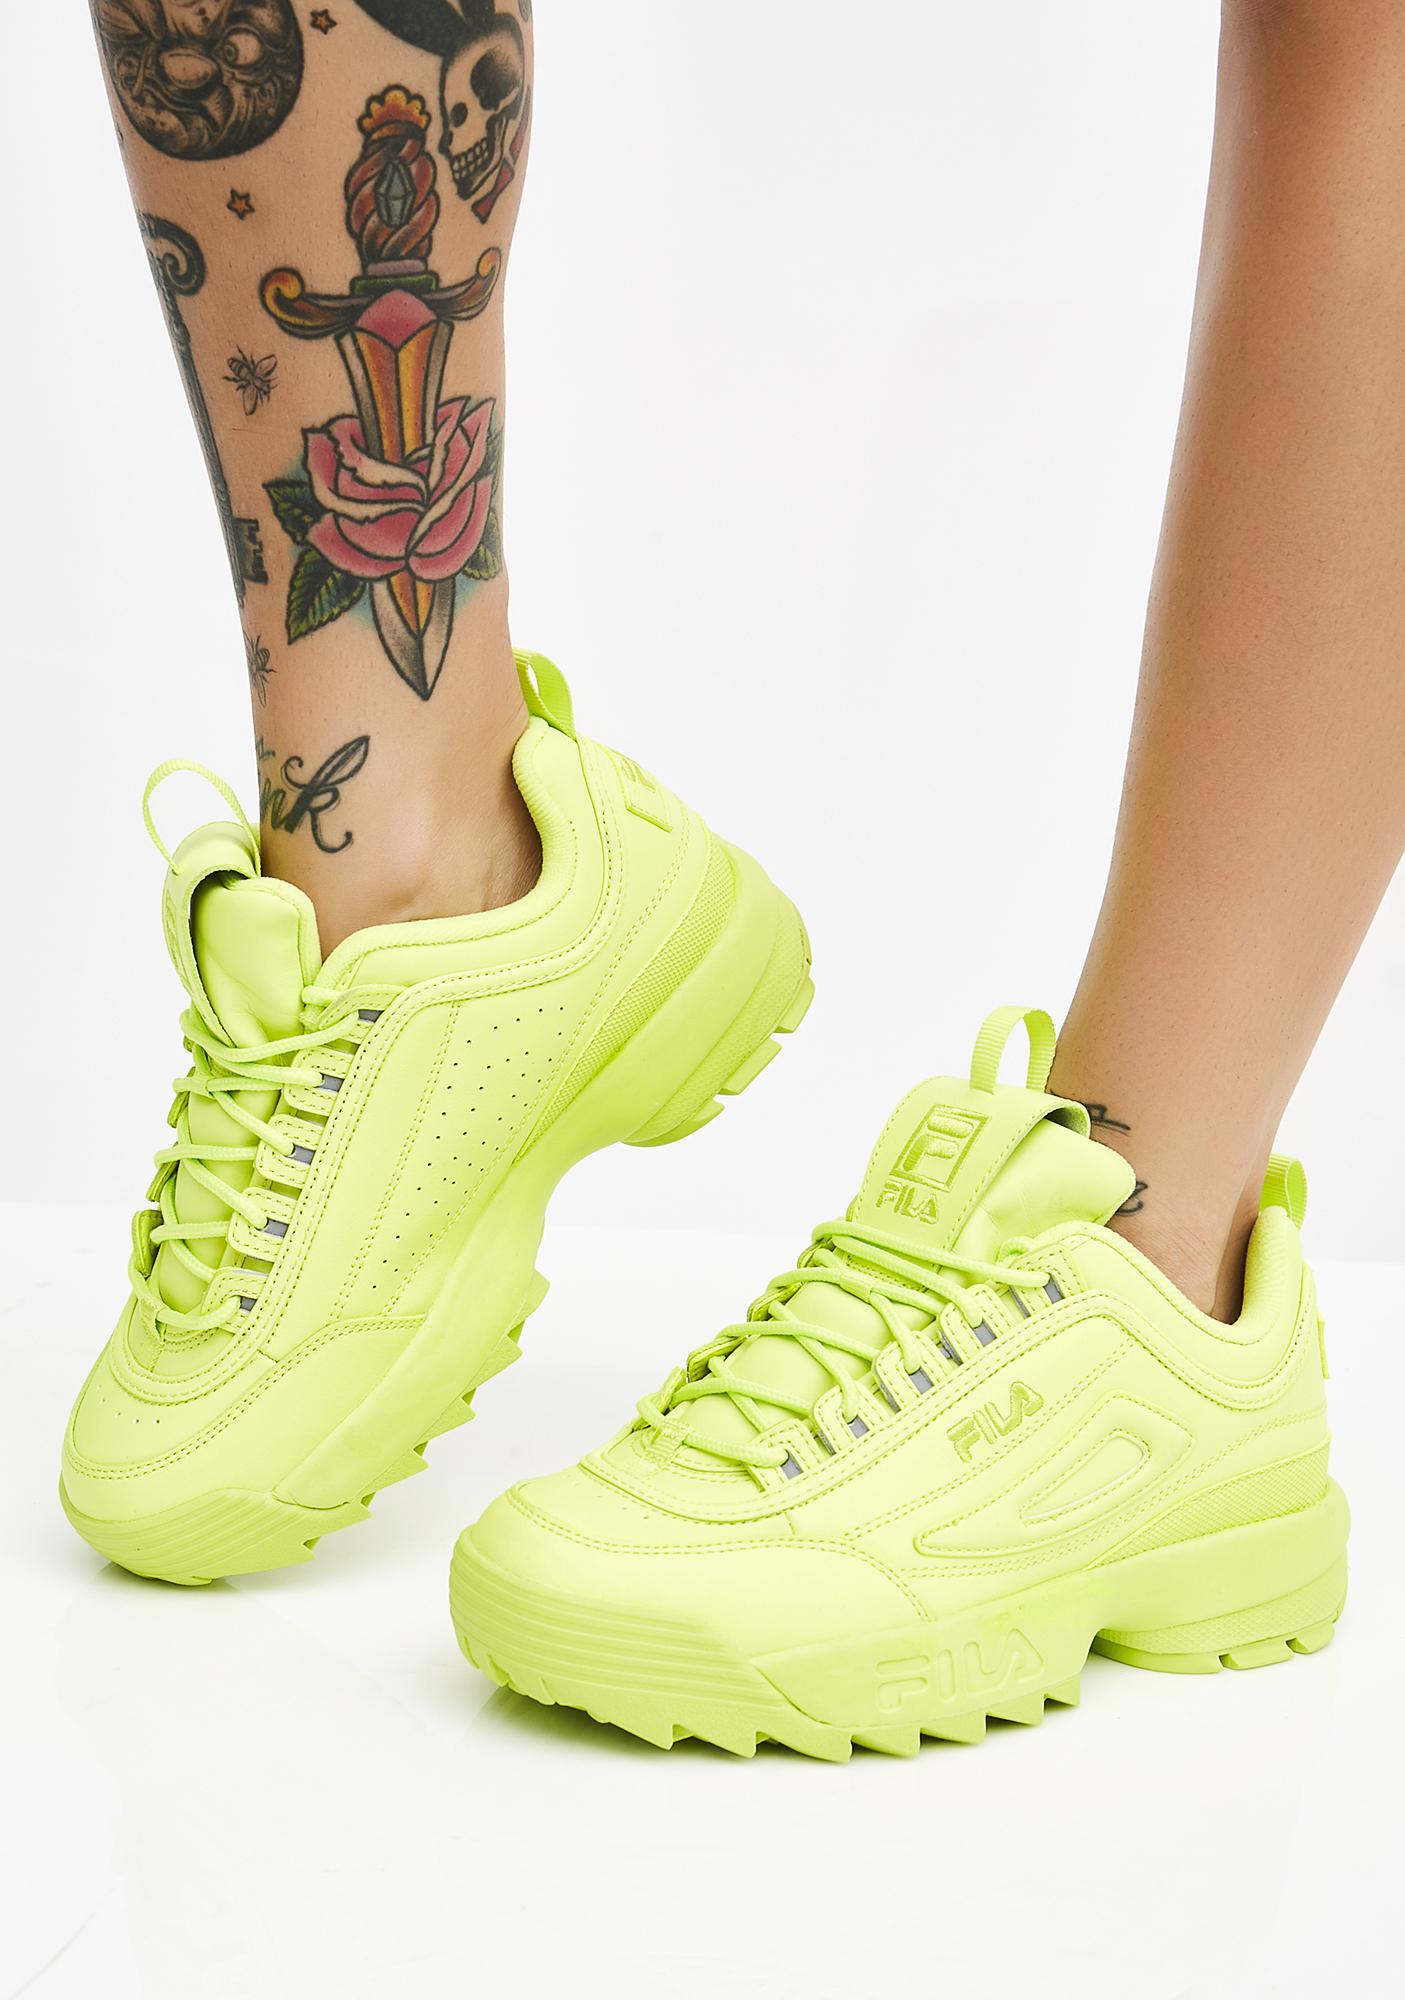 Premium SneakersDolls Biohazard Disruptor Fila Kill II sCtxdQrh